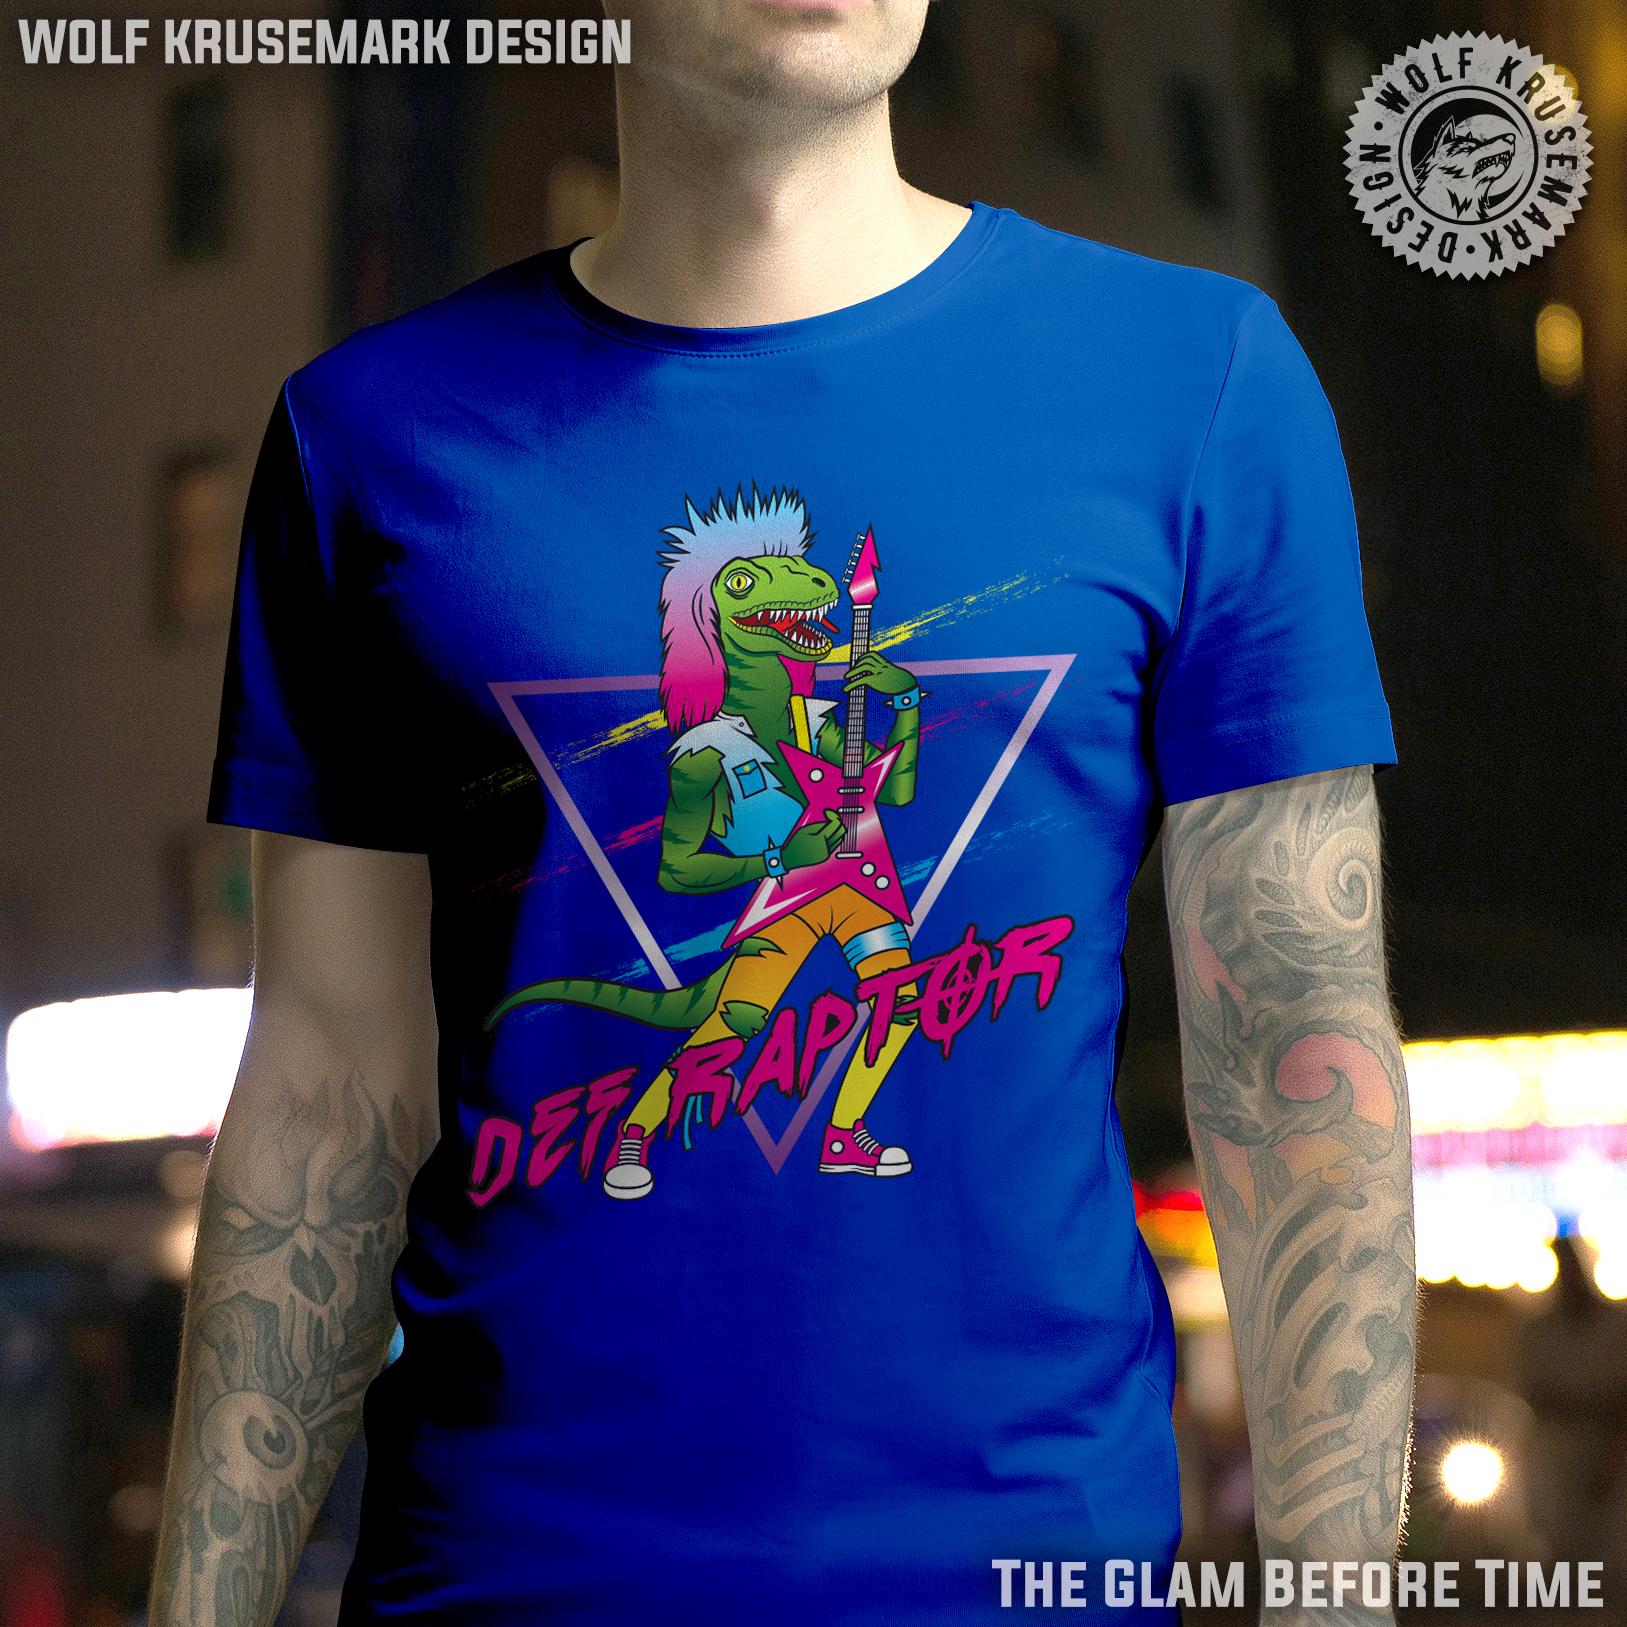 aed6a55e Def Raptor/dinosaur/retro/rock/T-Shirt/retro/80s on Storenvy